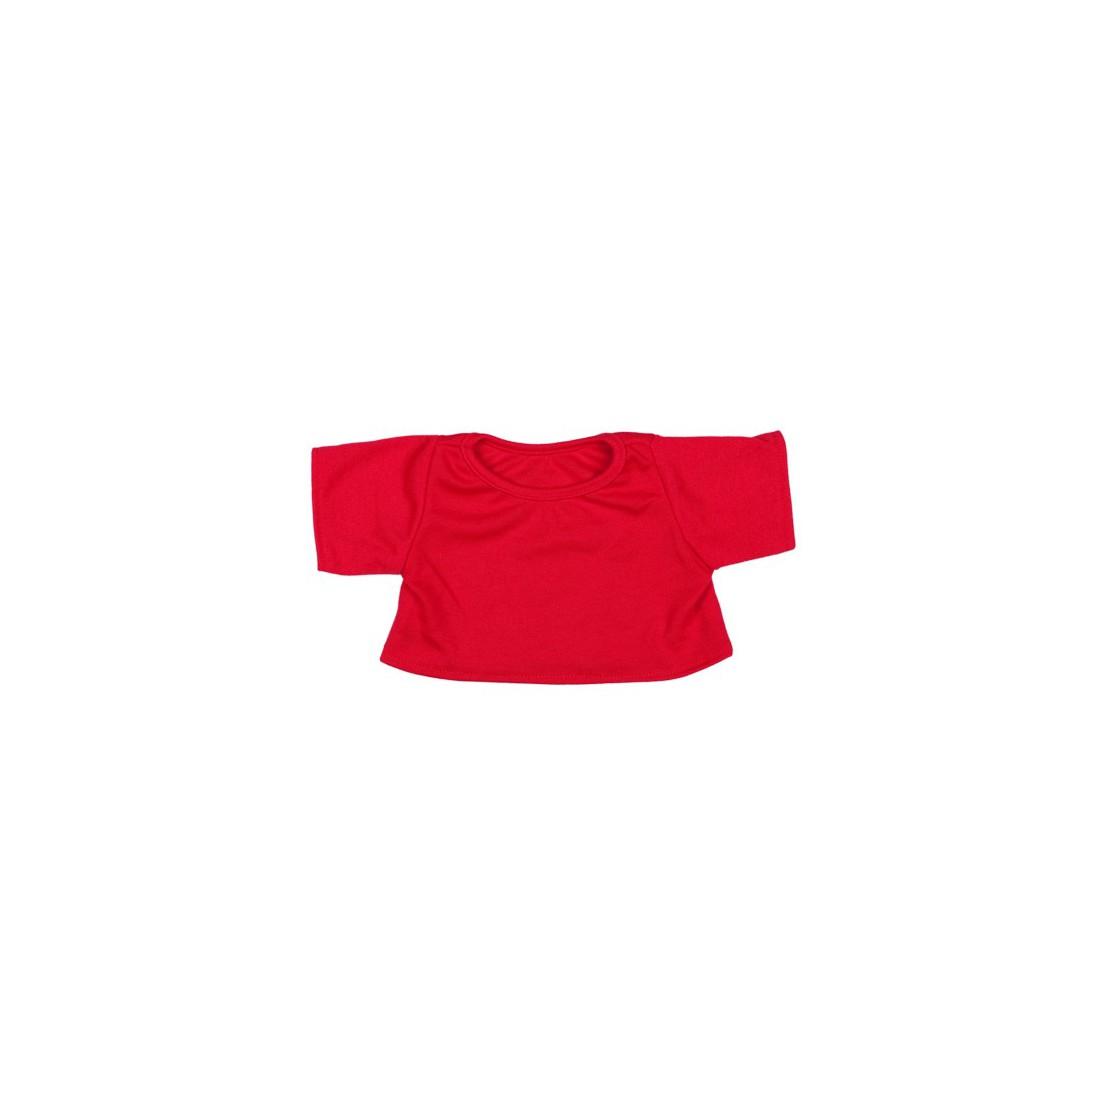 T-shirt Rouge 40 cm - La tenue idéale pour les peluches personnalisées ! Transformez votre